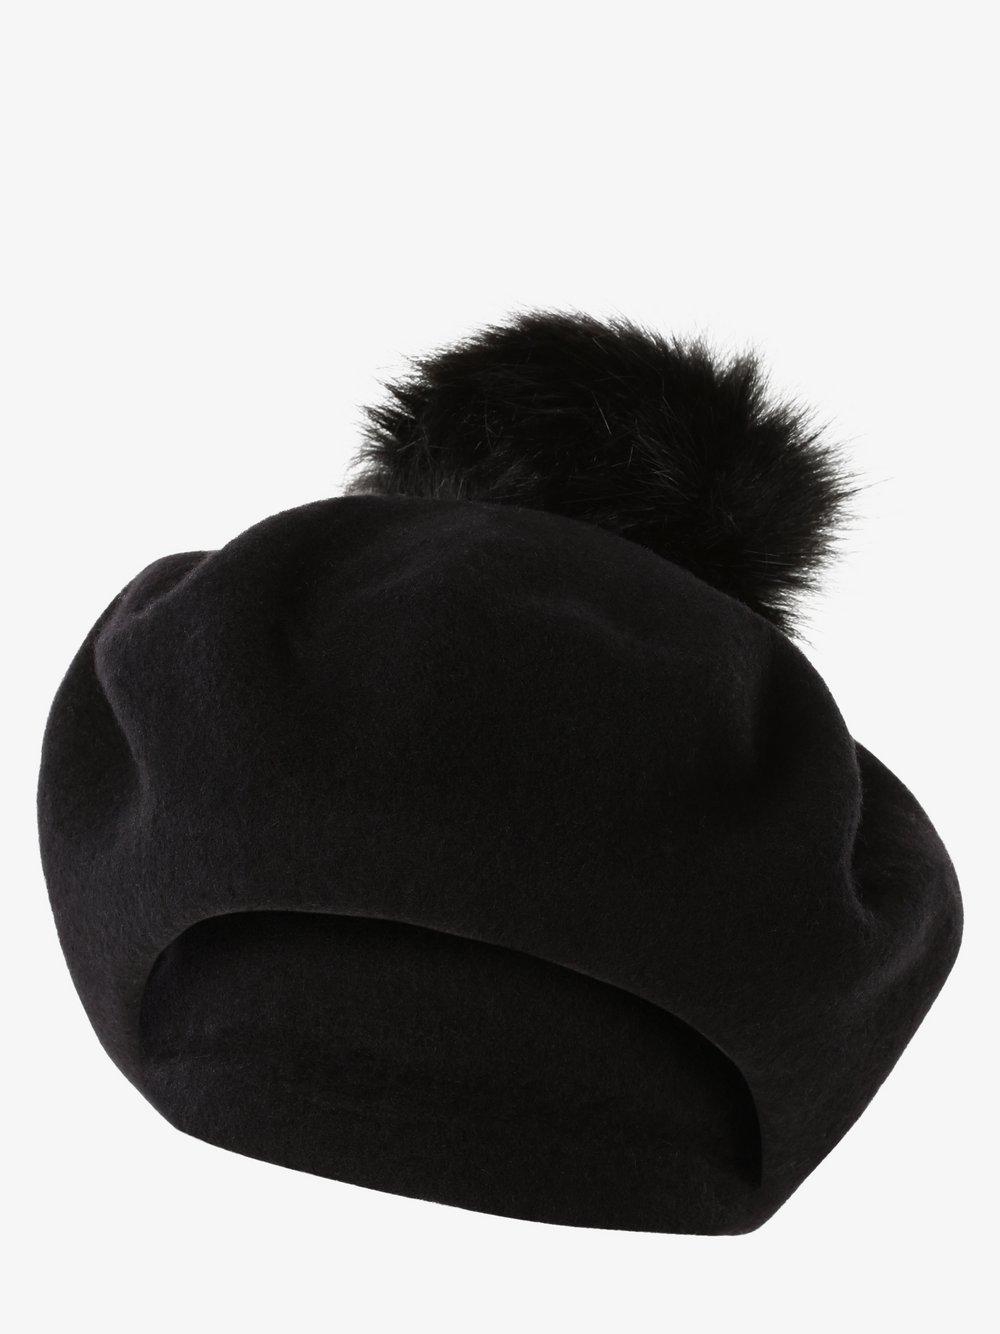 Loevenich – Czapka damska z wełny merino, czarny Van Graaf 486215-0001